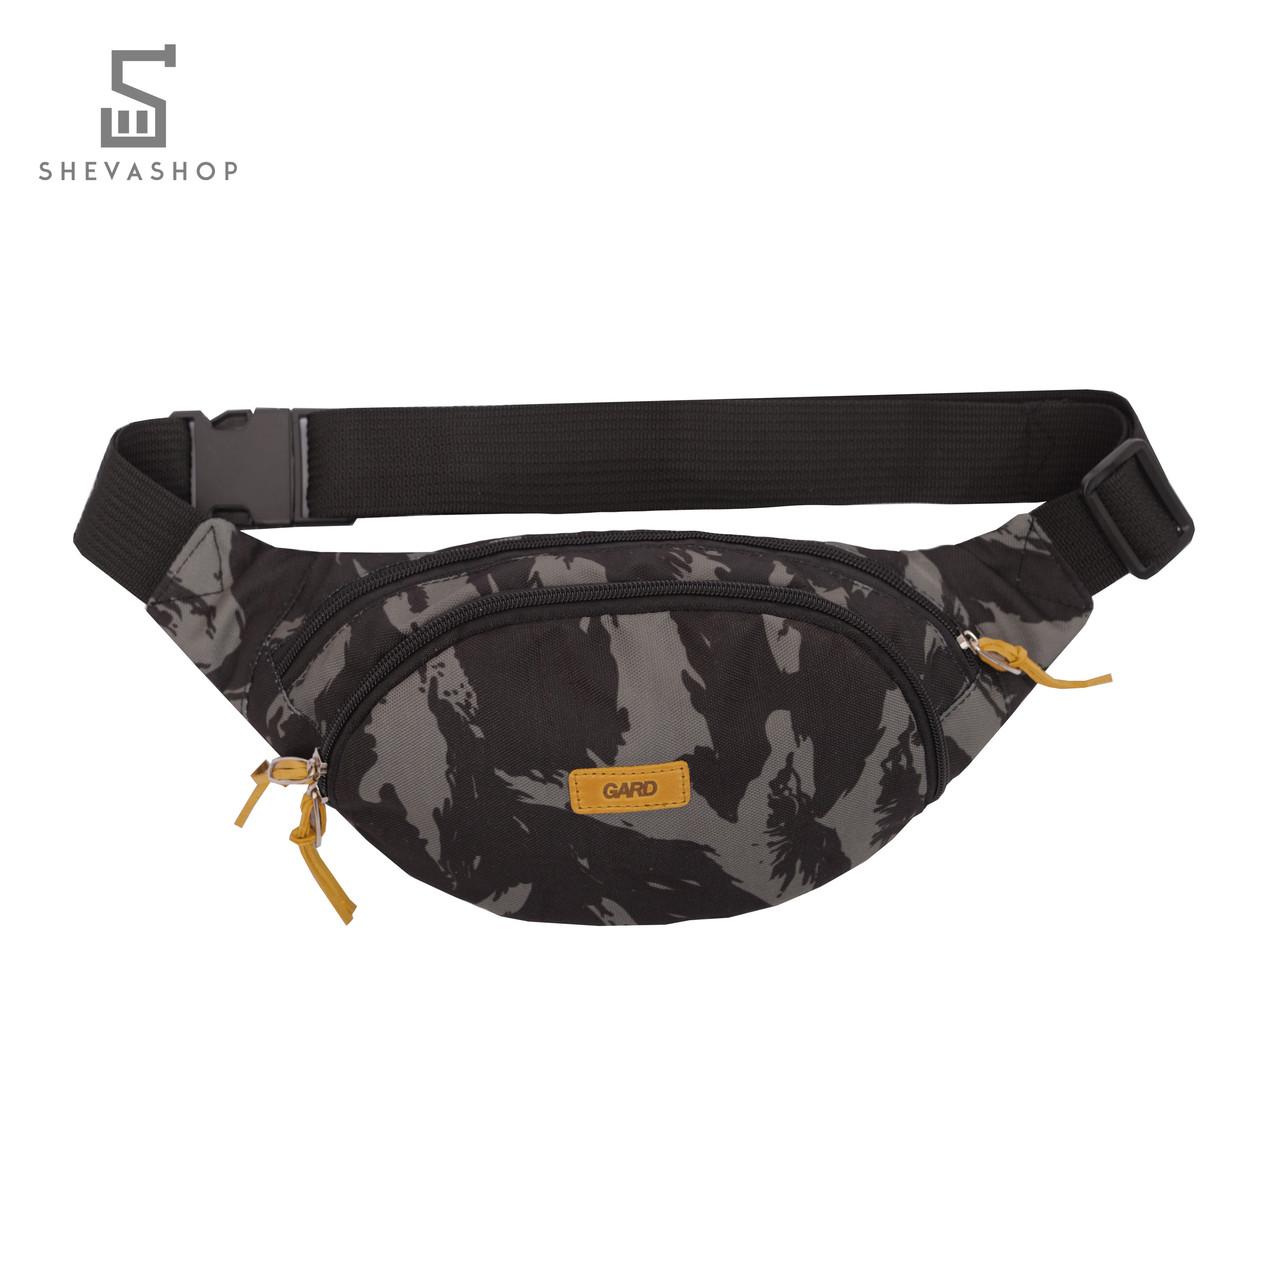 a874dedf3d64 Поясная сумка Gard tiger grey camo 2/18 камуфляжная - купить по ...